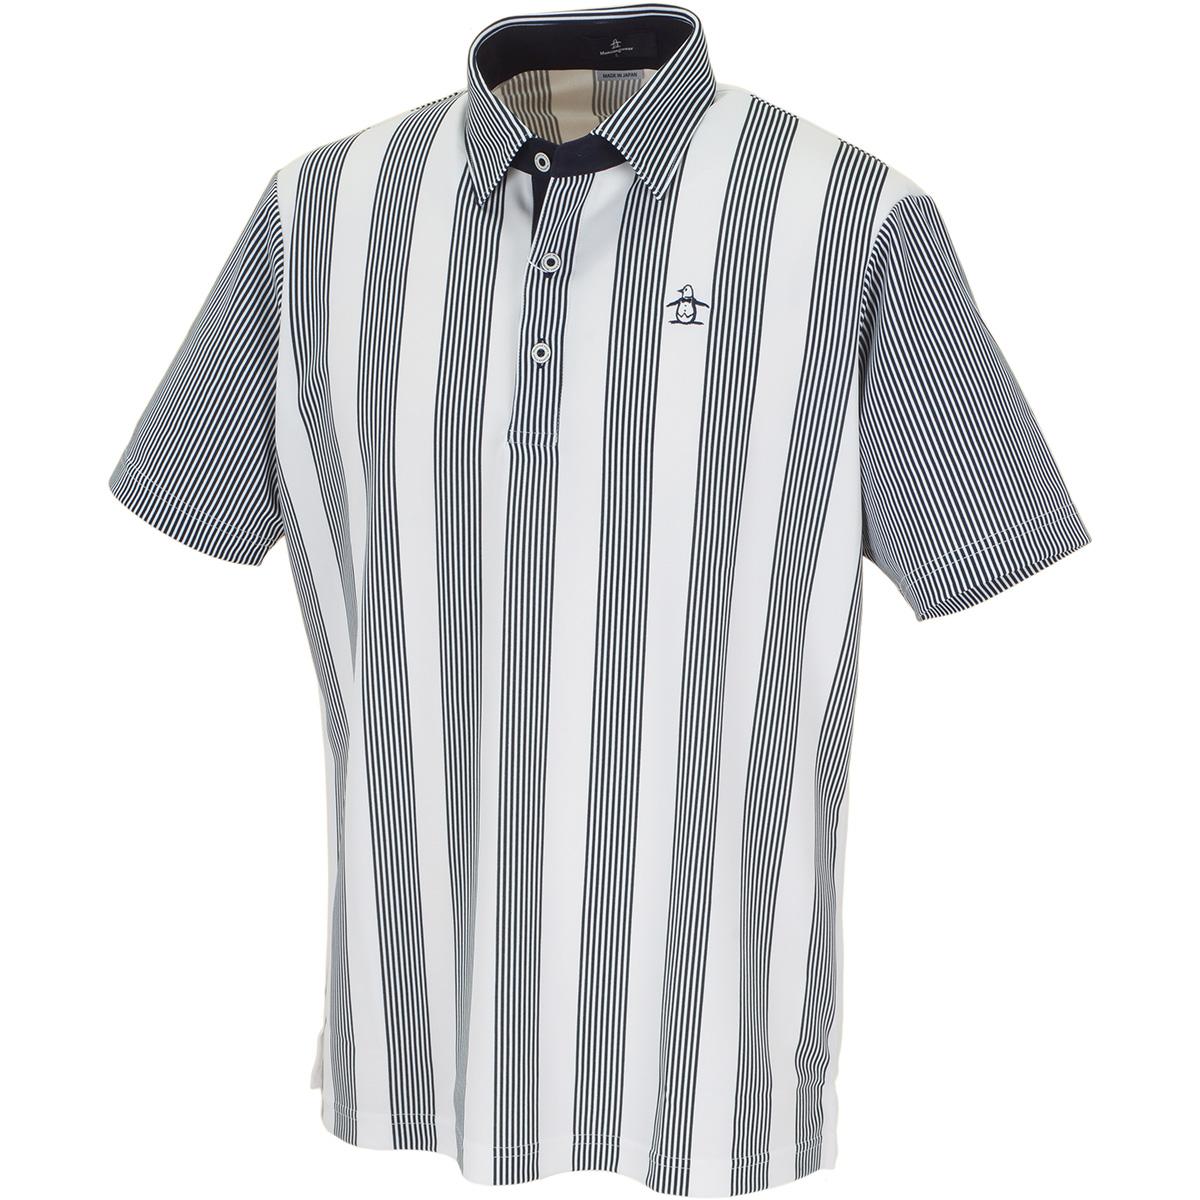 COOLISTストライプ半袖ポロシャツ